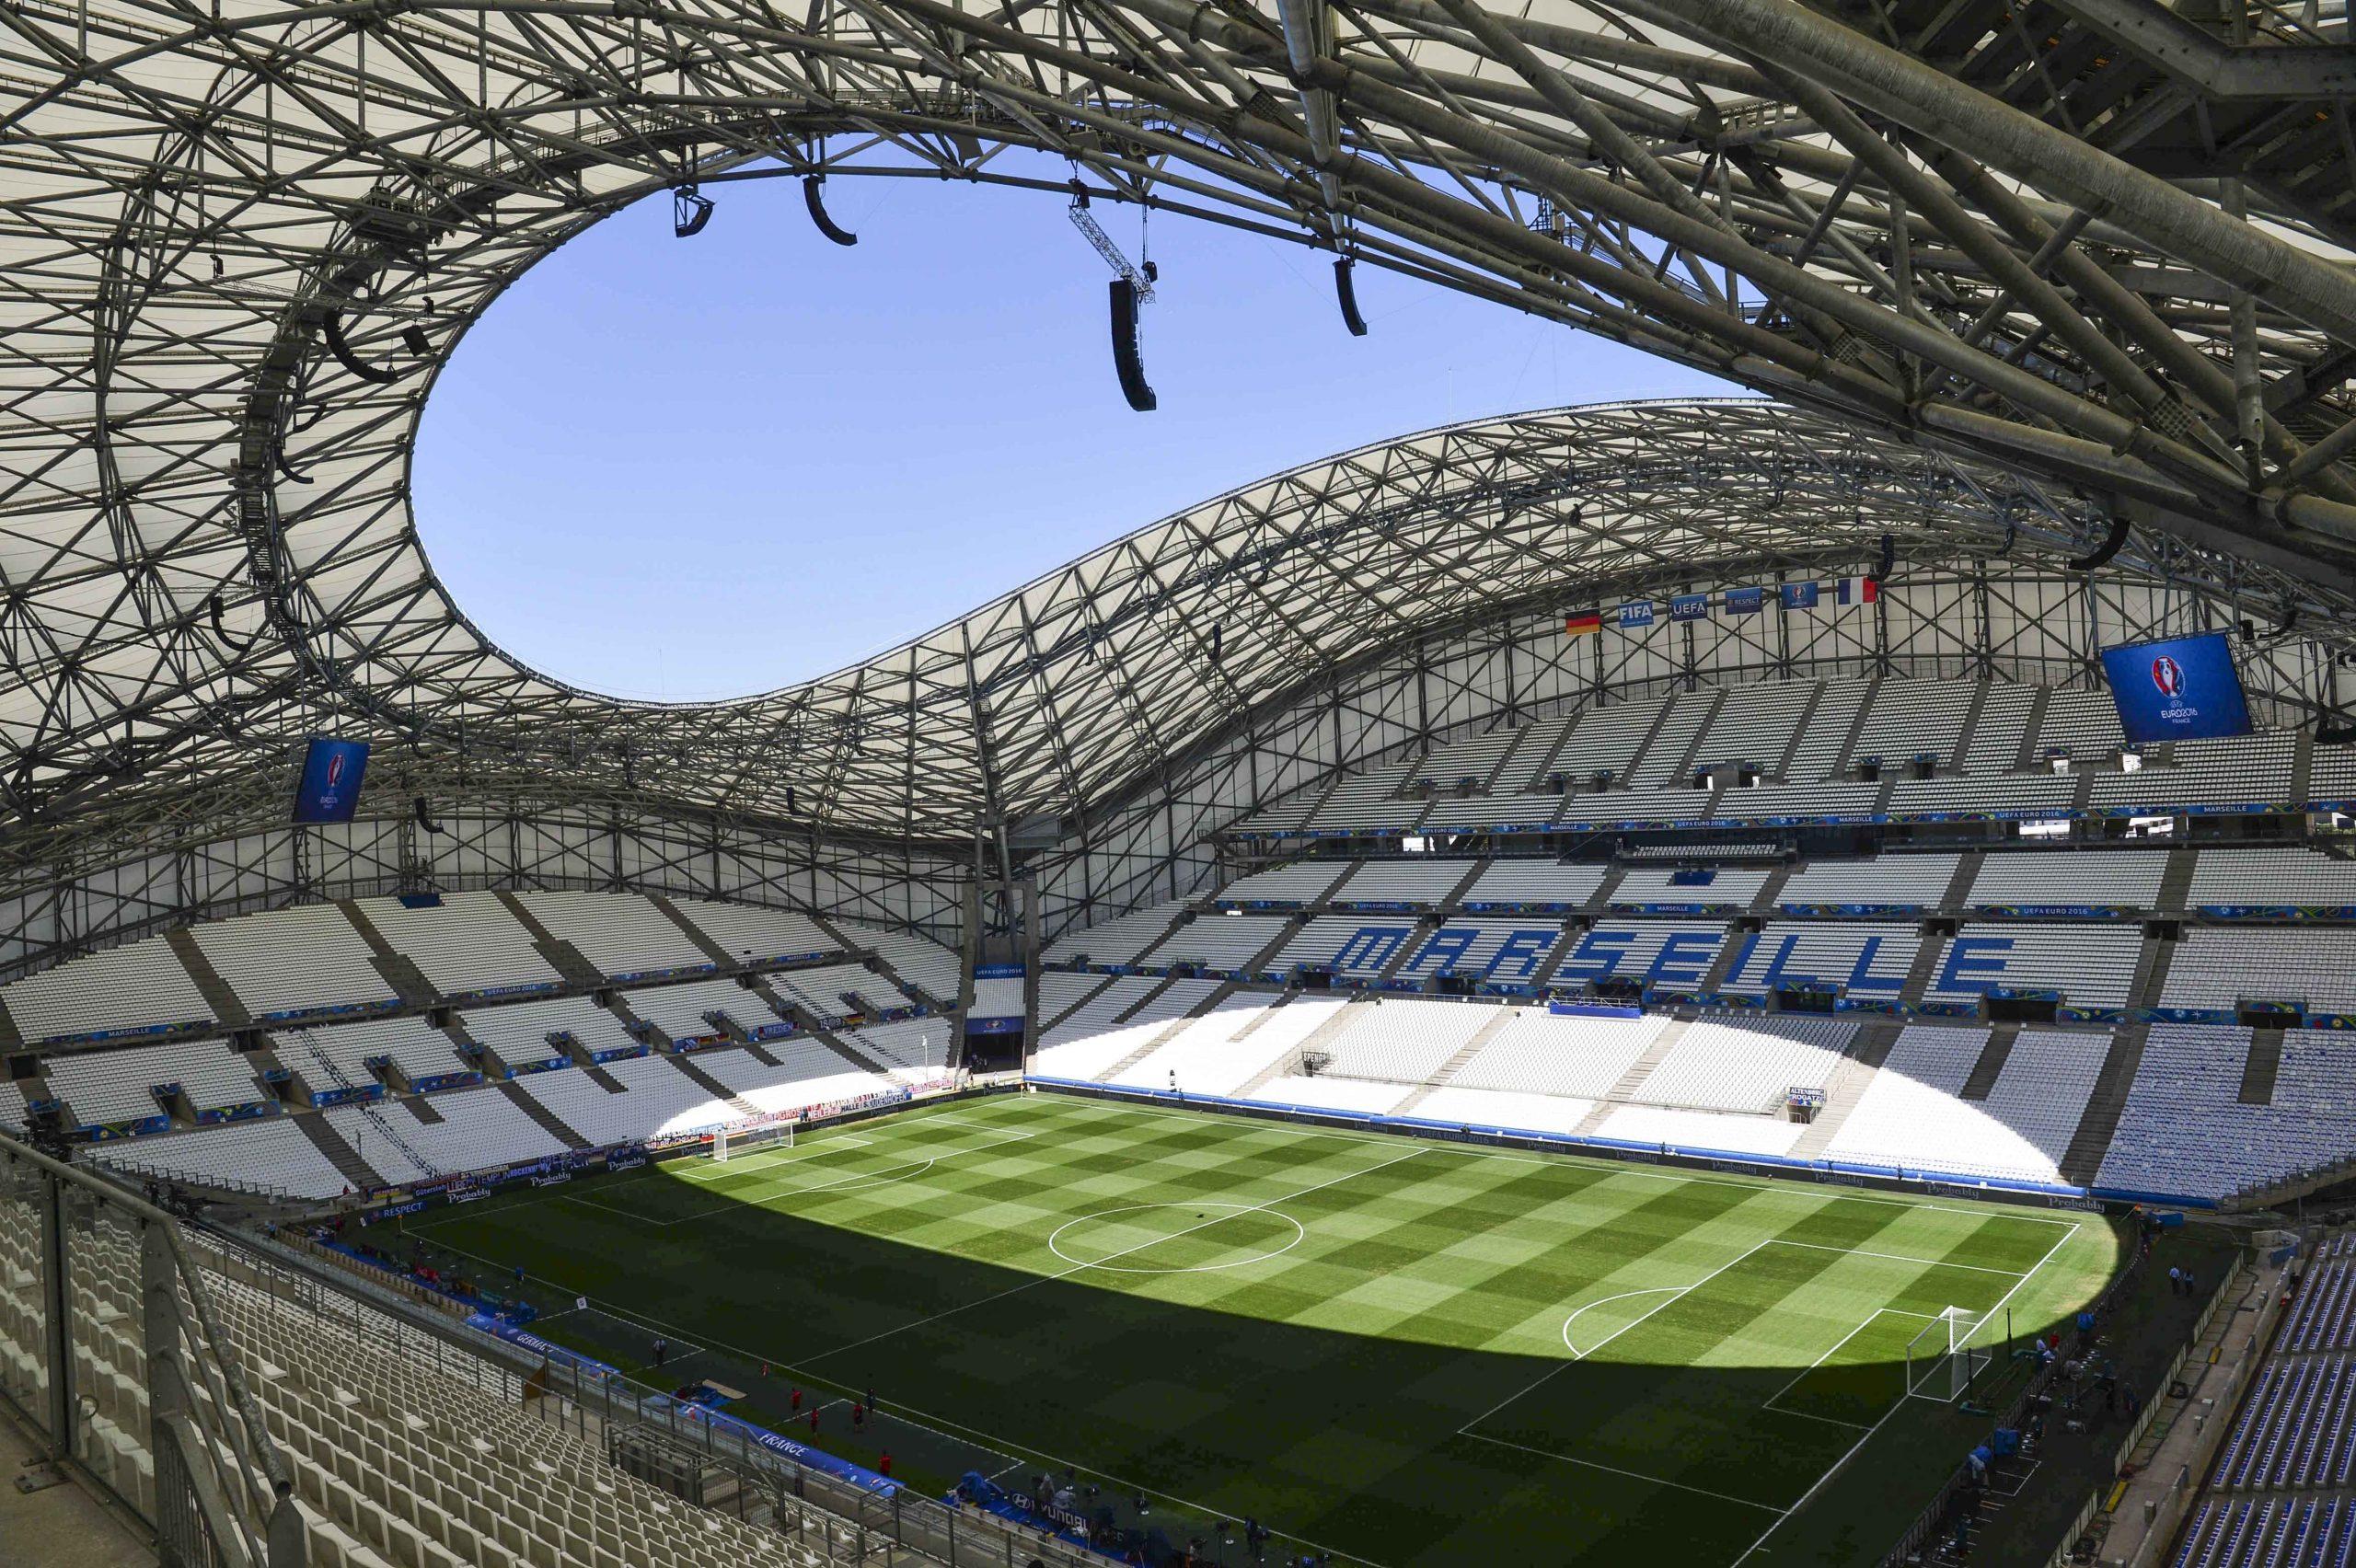 OM - 370M€, c'est l'estimation du prix du stade Vélodrome